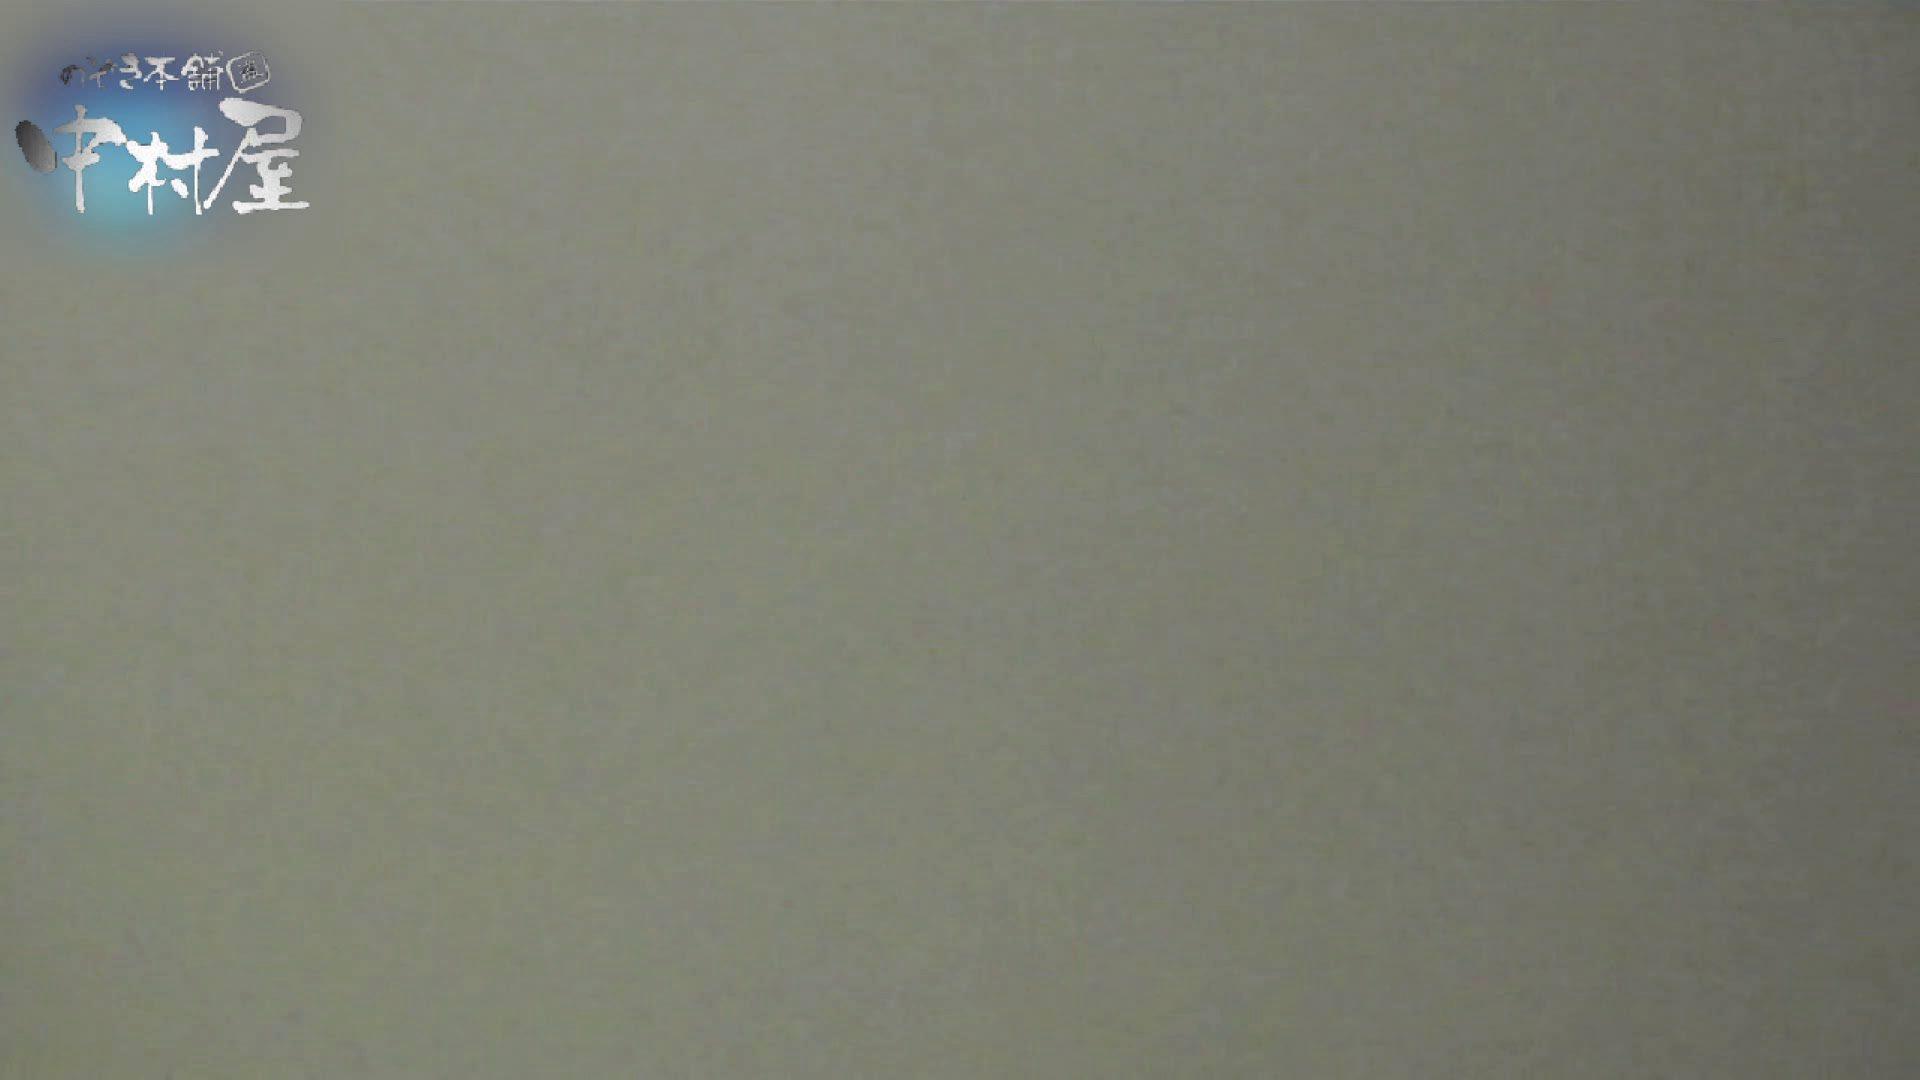 乙女集まる!ショッピングモール潜入撮vol.12 丸見え のぞき動画画像 76連発 76